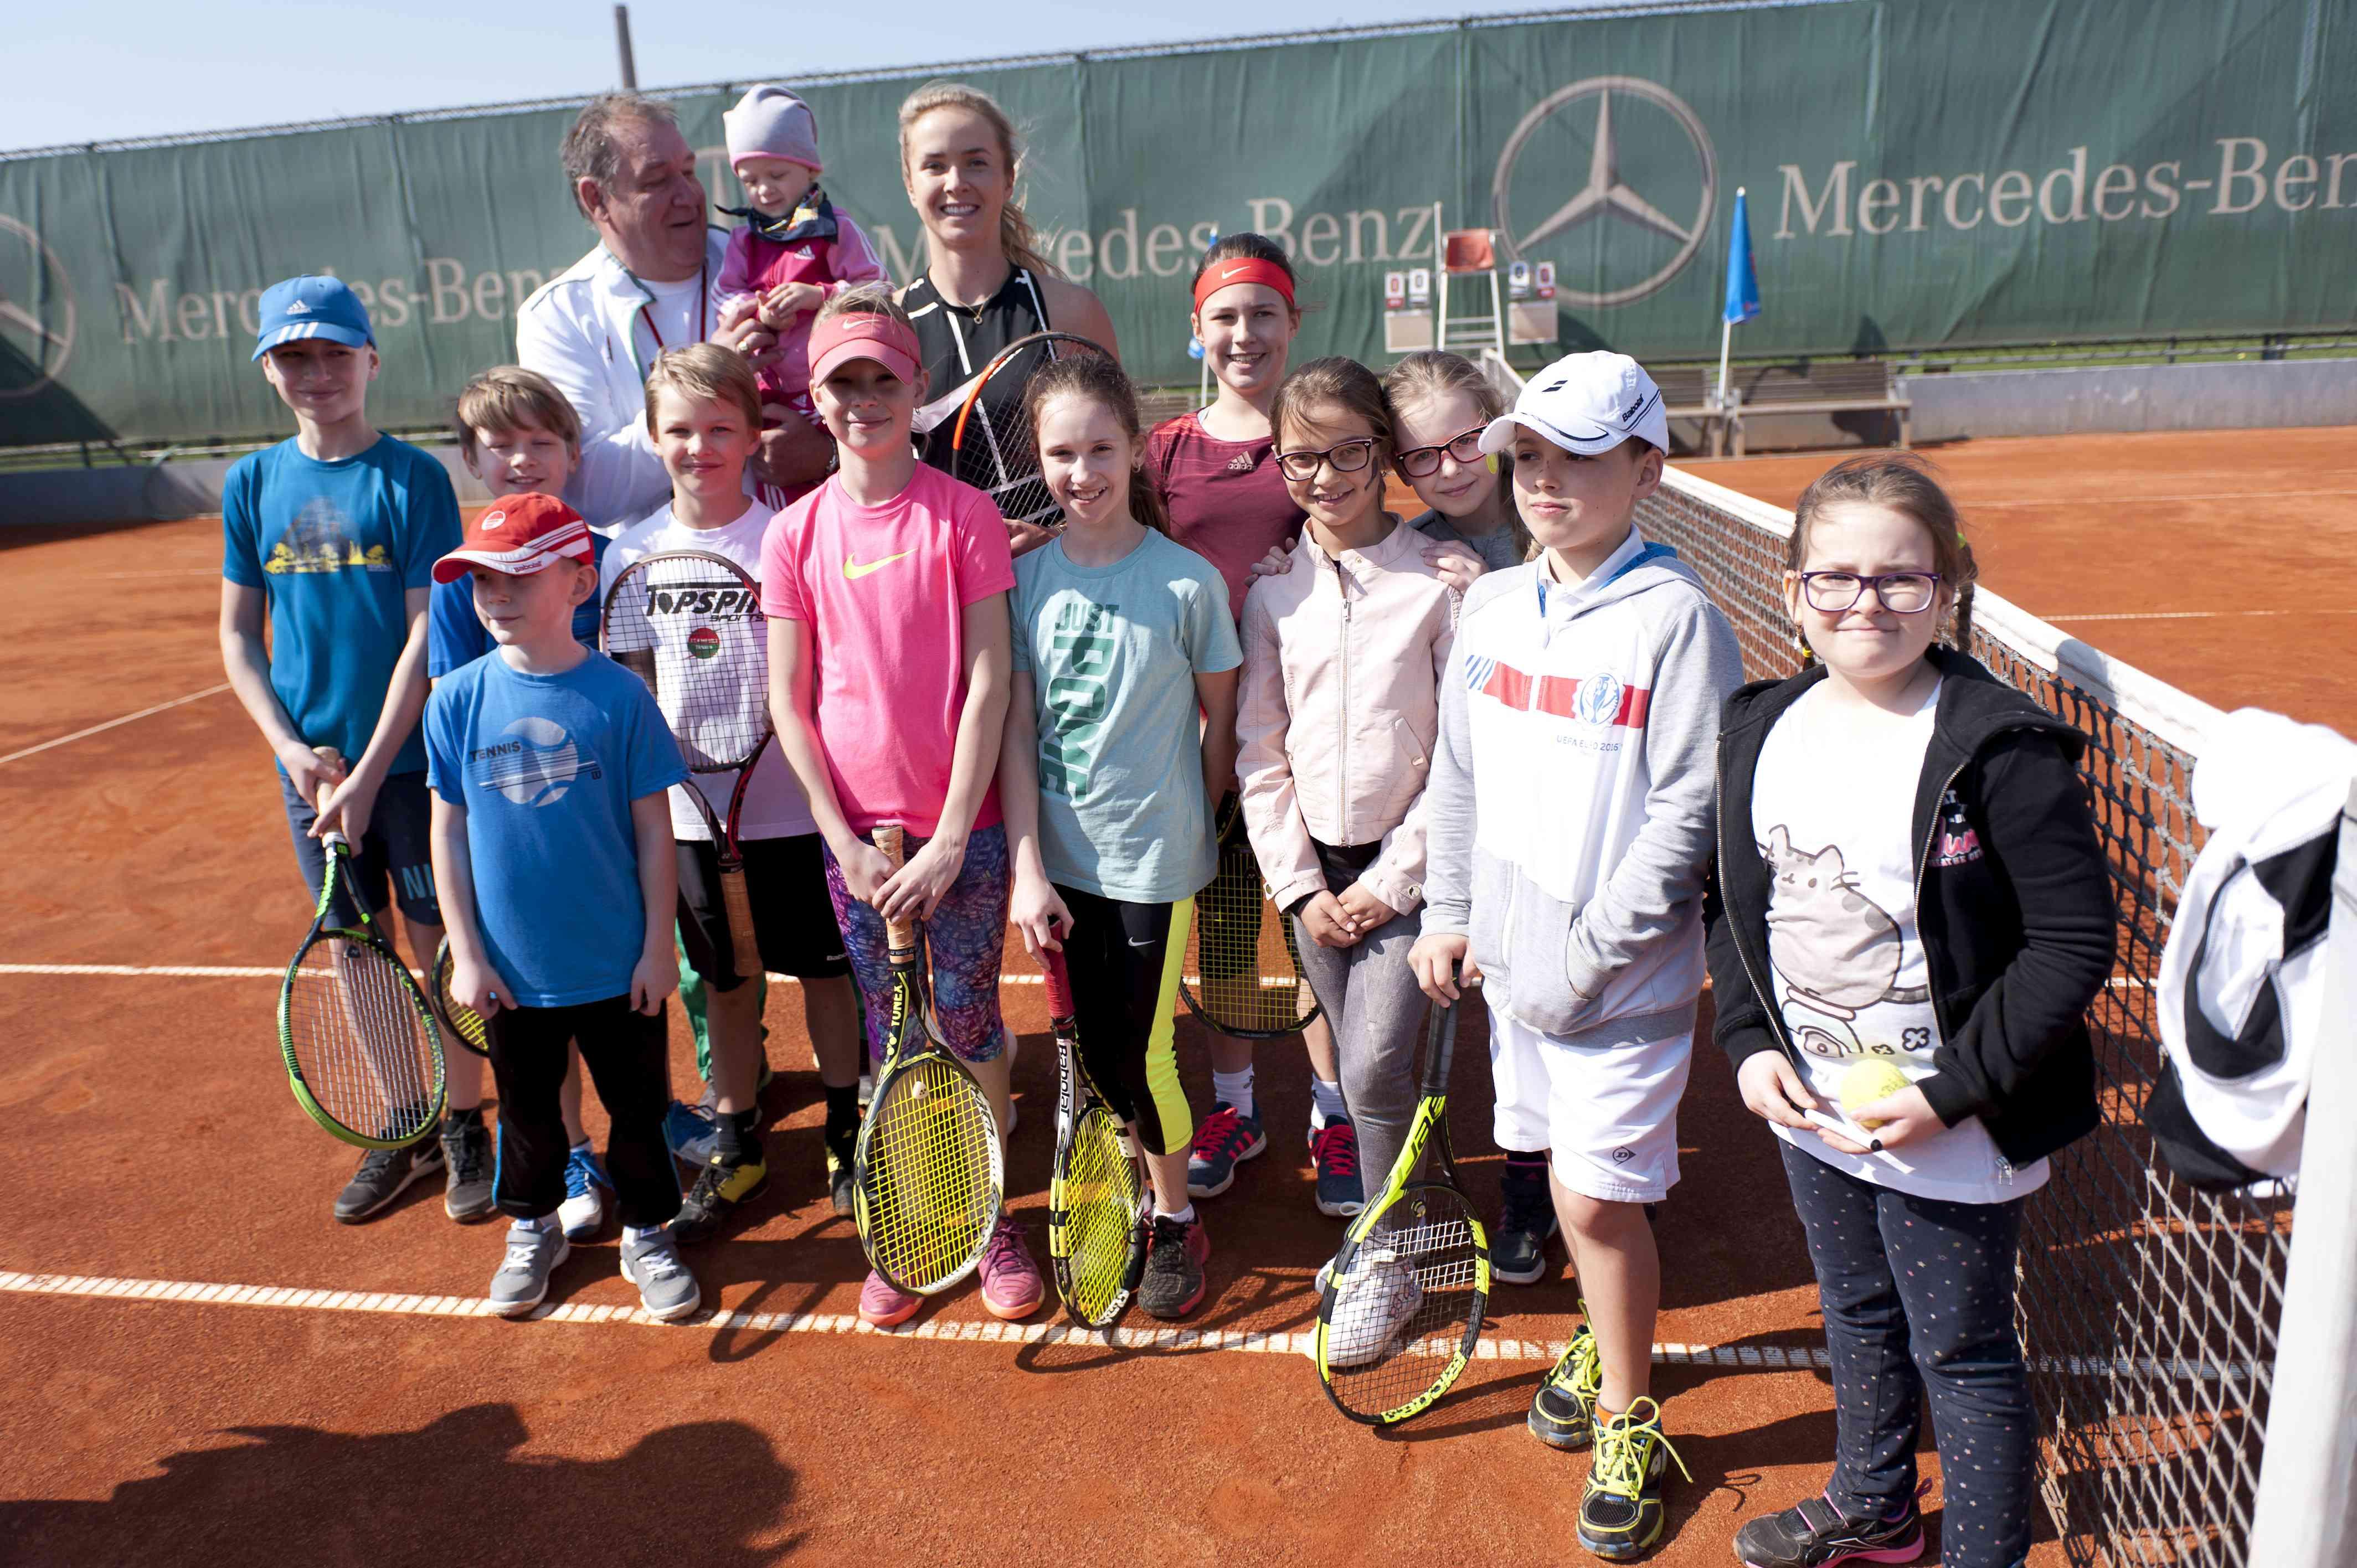 Hráčka Top 10 rebríčka WTA Svitolinová na Dni otvorených dverí IKO 2126-216x